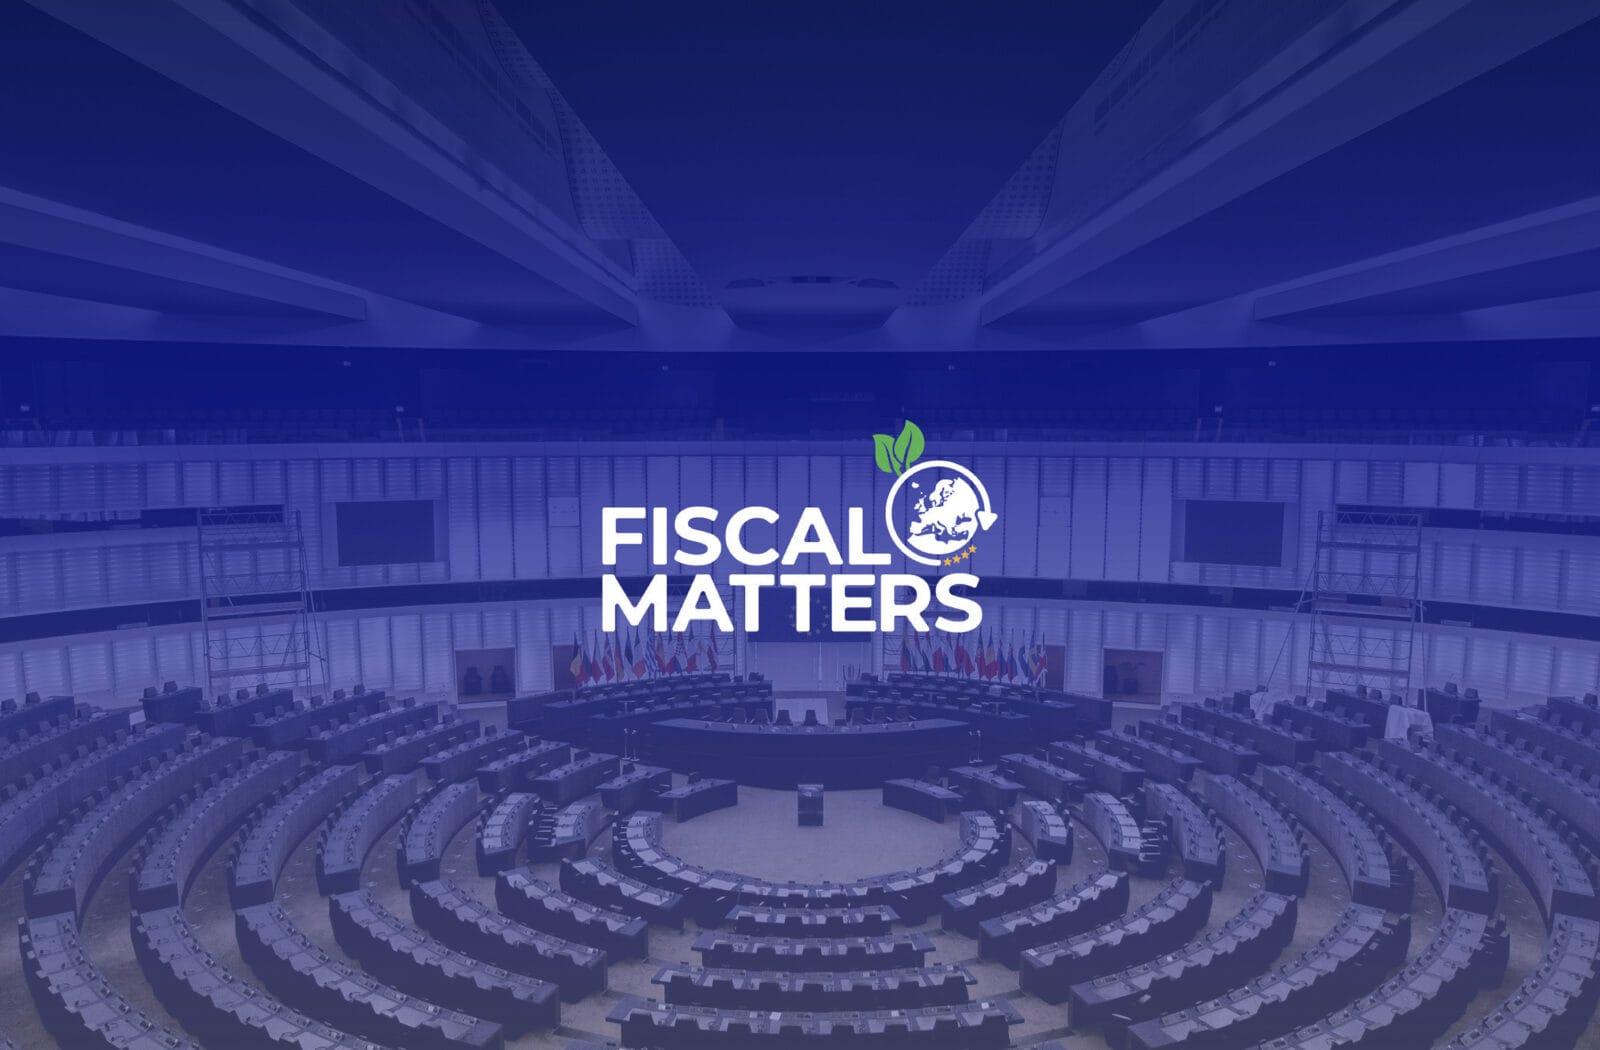 Finance Watch Fiscal Matters website